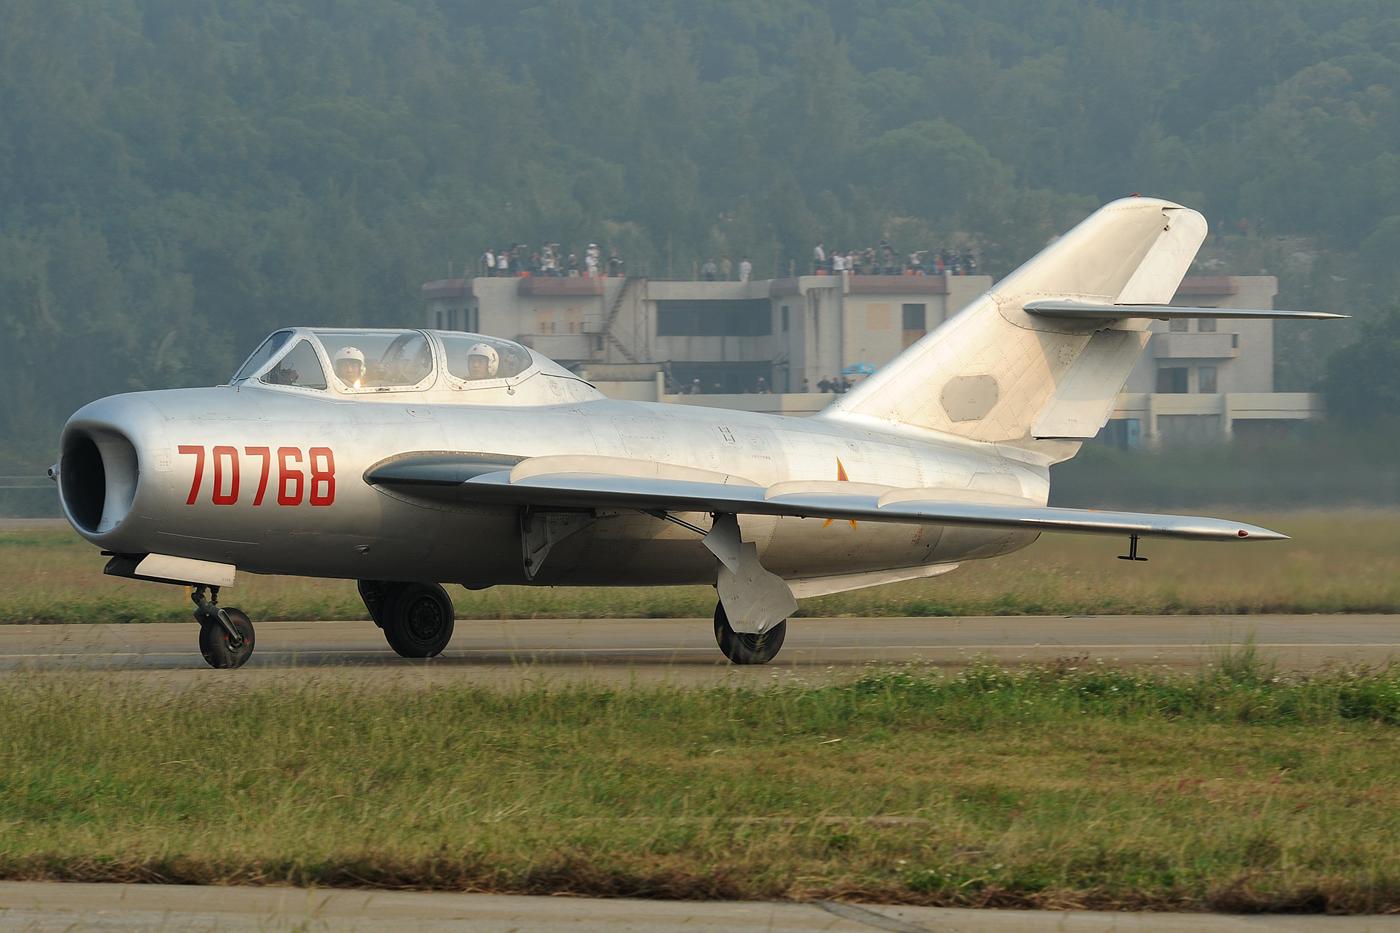 Chengdu Aircraft Industry Group - Wikipedia